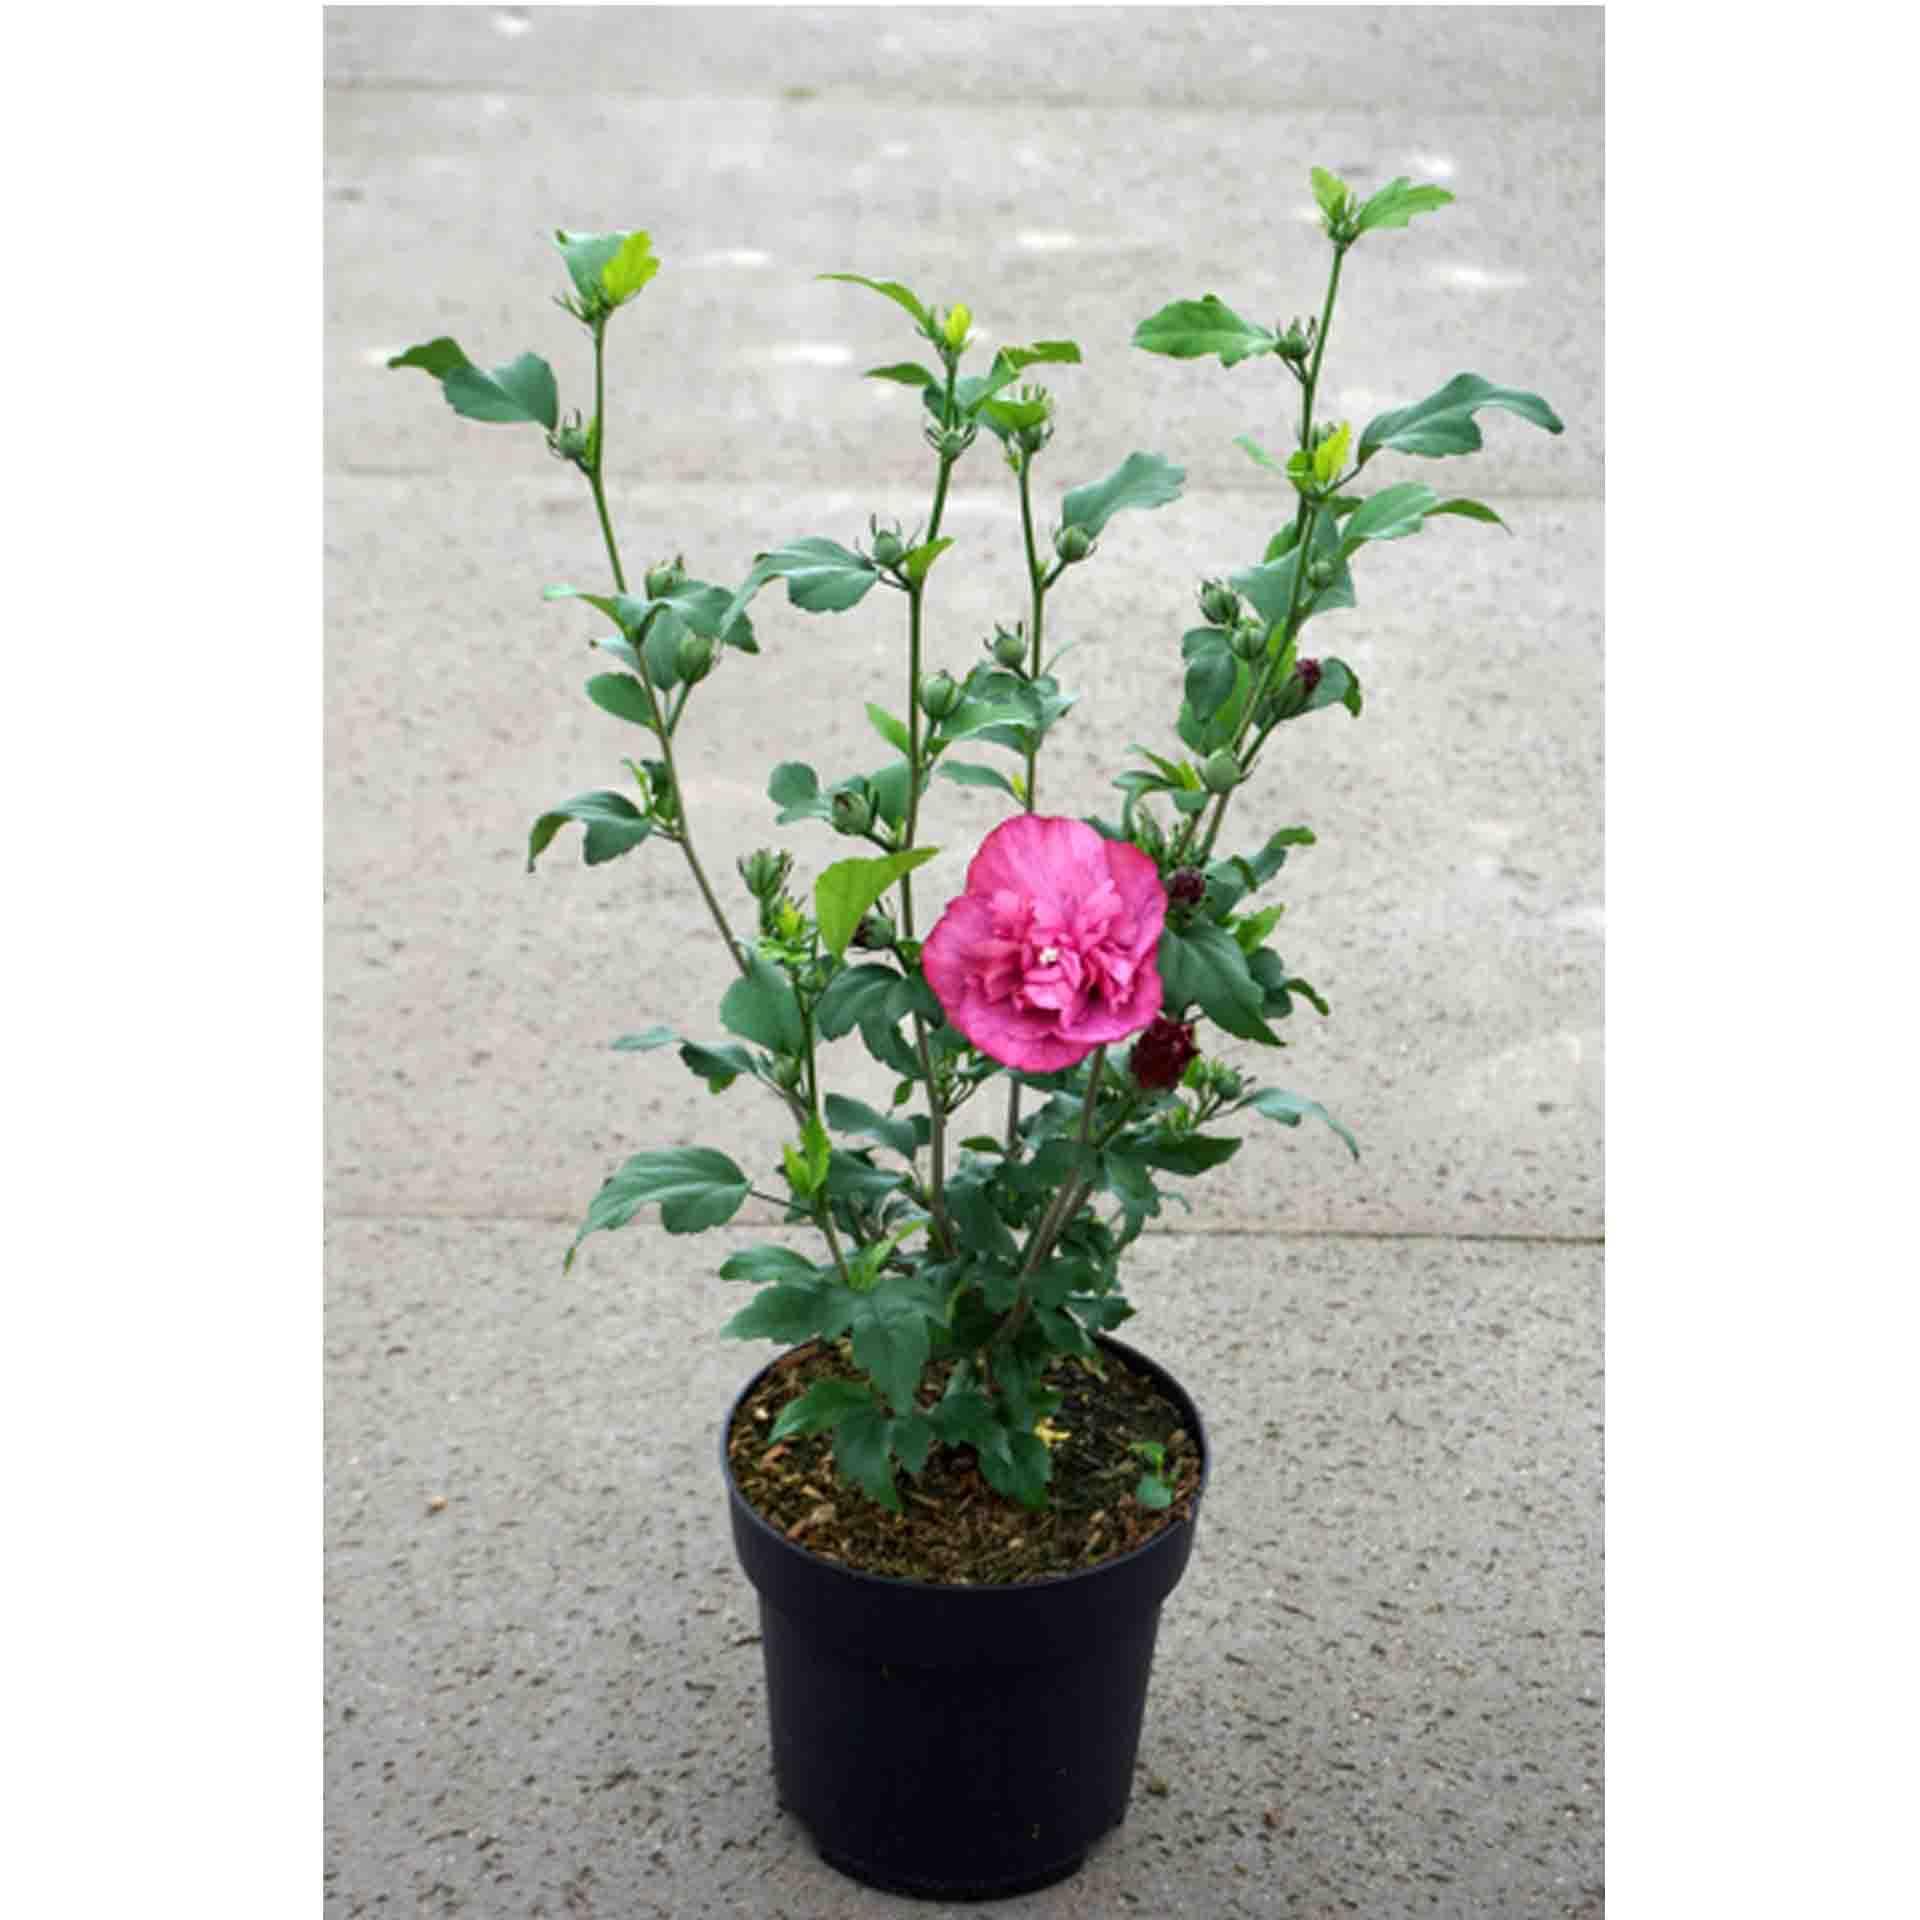 Garteneibisch - Hibiscus syriacus 'Magenta Chiffon',  C4,5 50-60cm